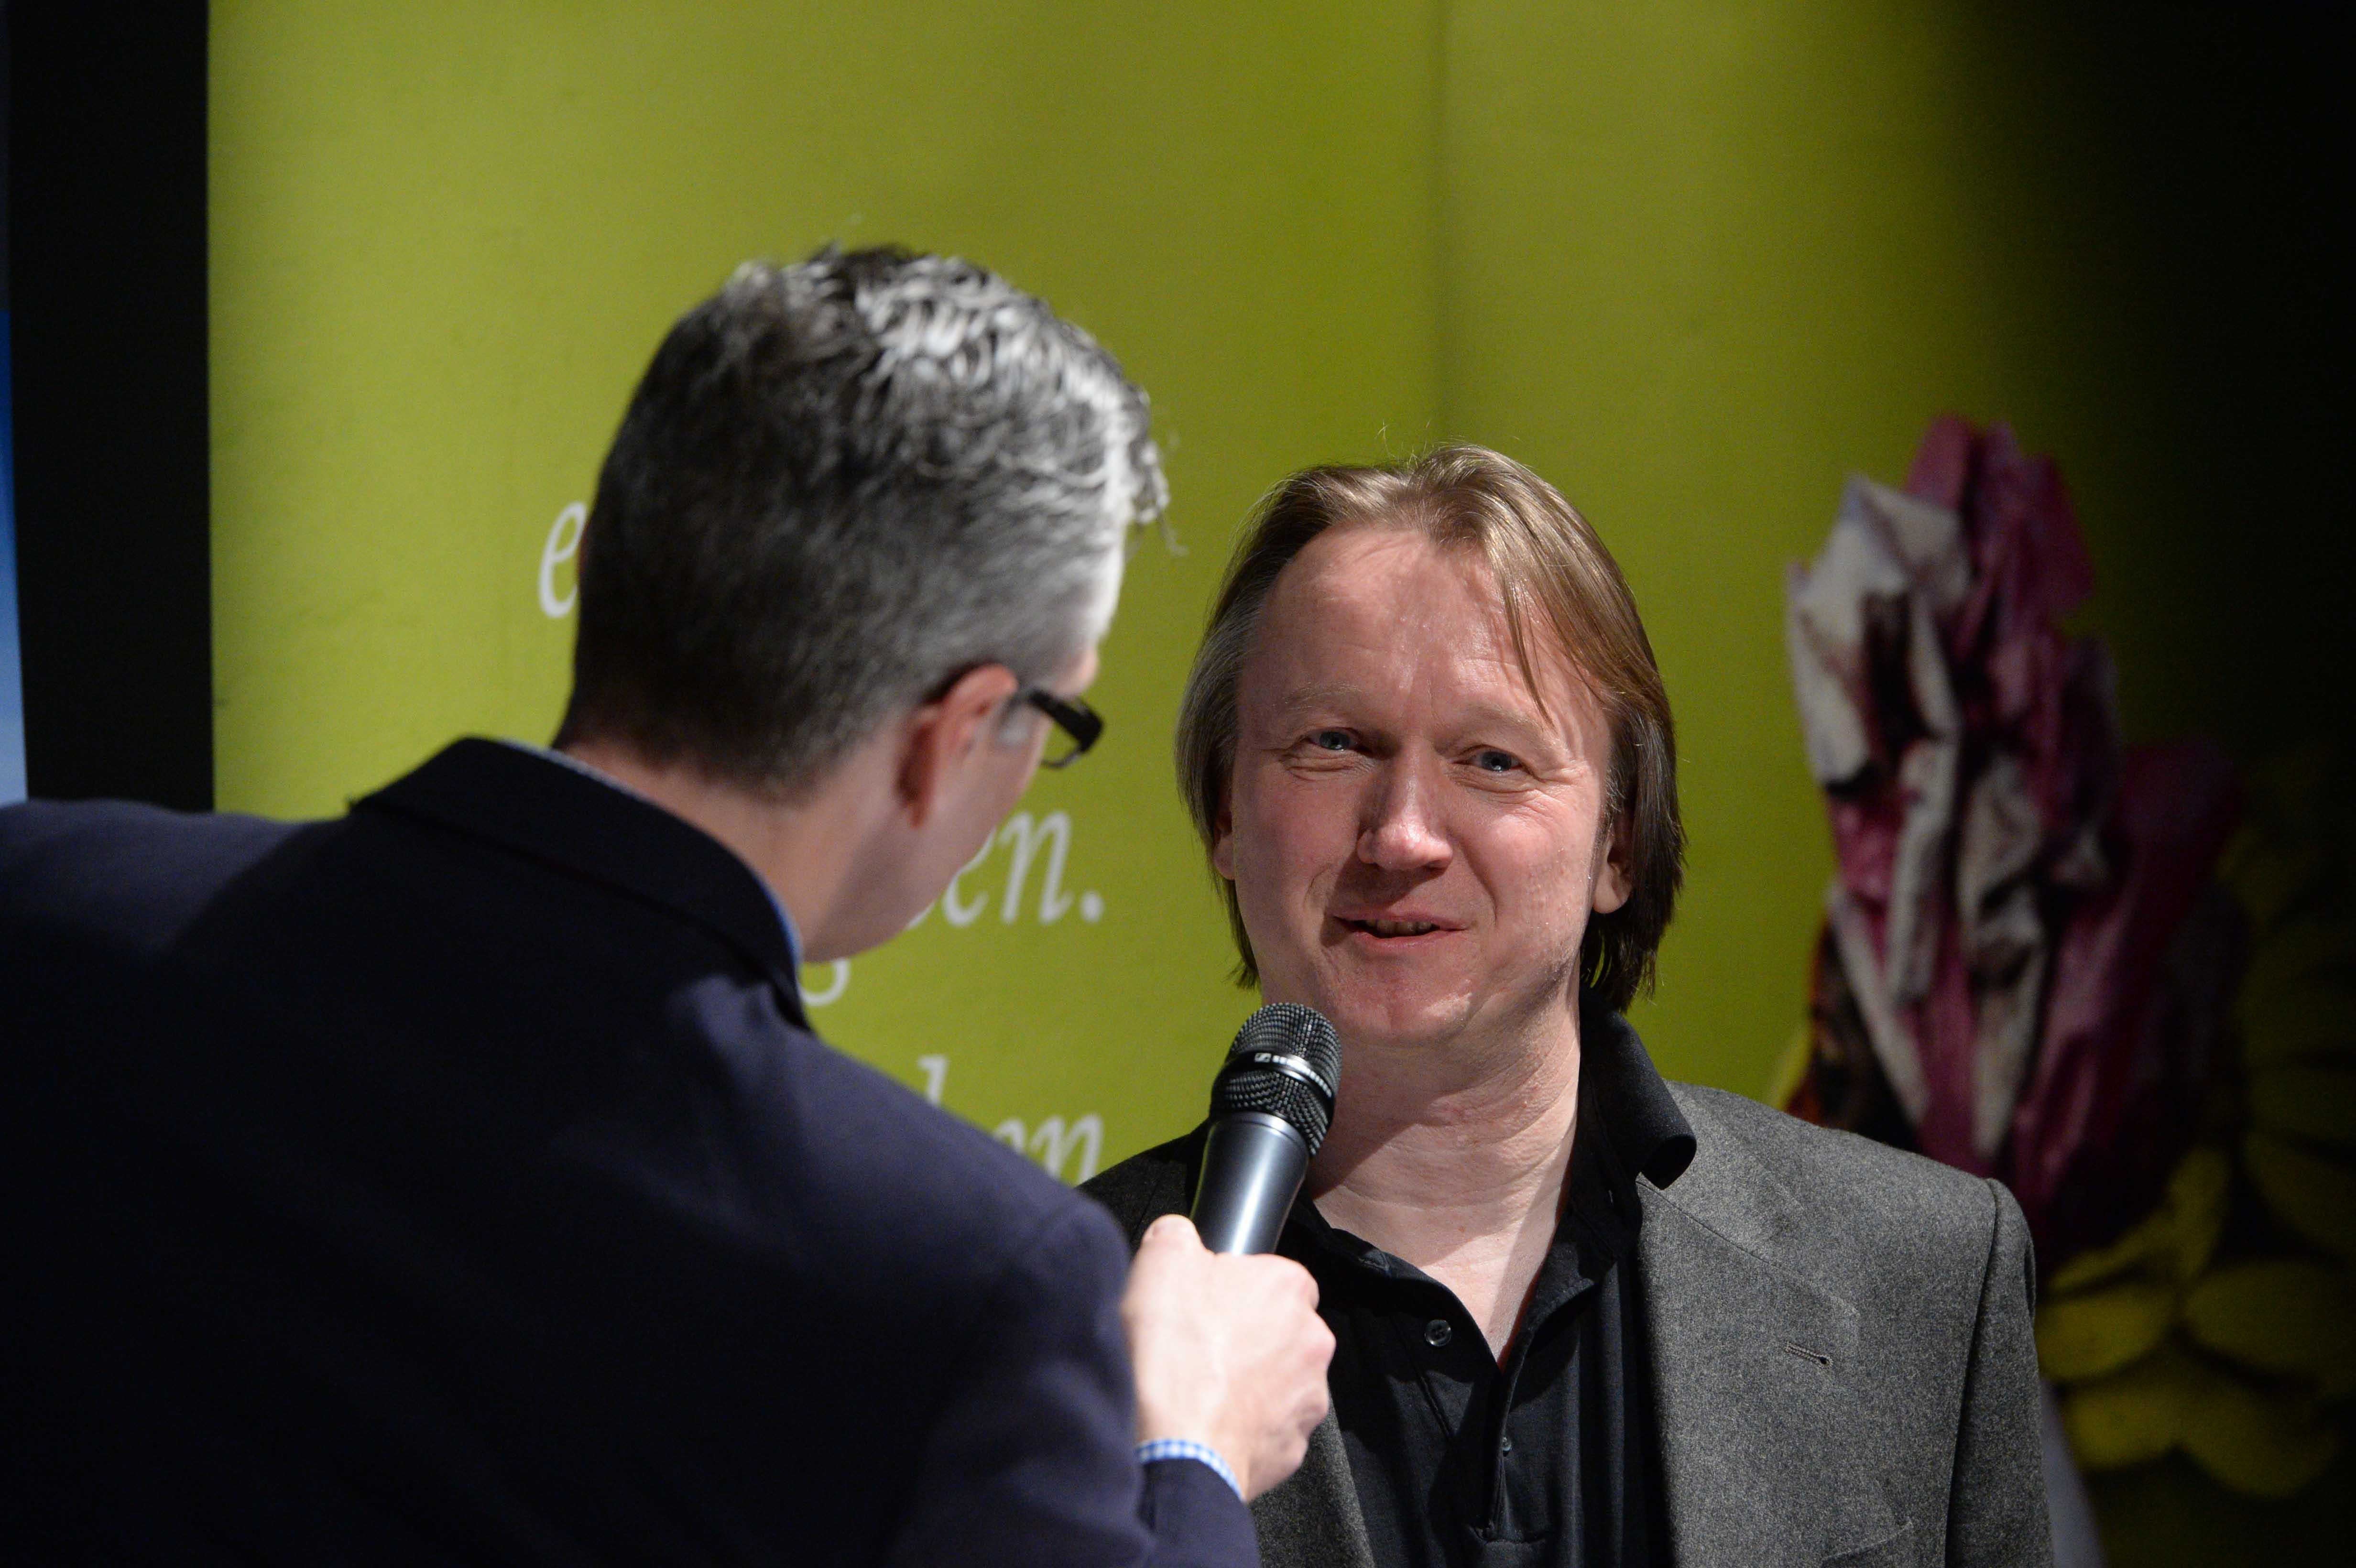 Columbus Radio Preisverleihung 2015 Silber Stefan Schomann DLF Talk mit Holger Wetzel